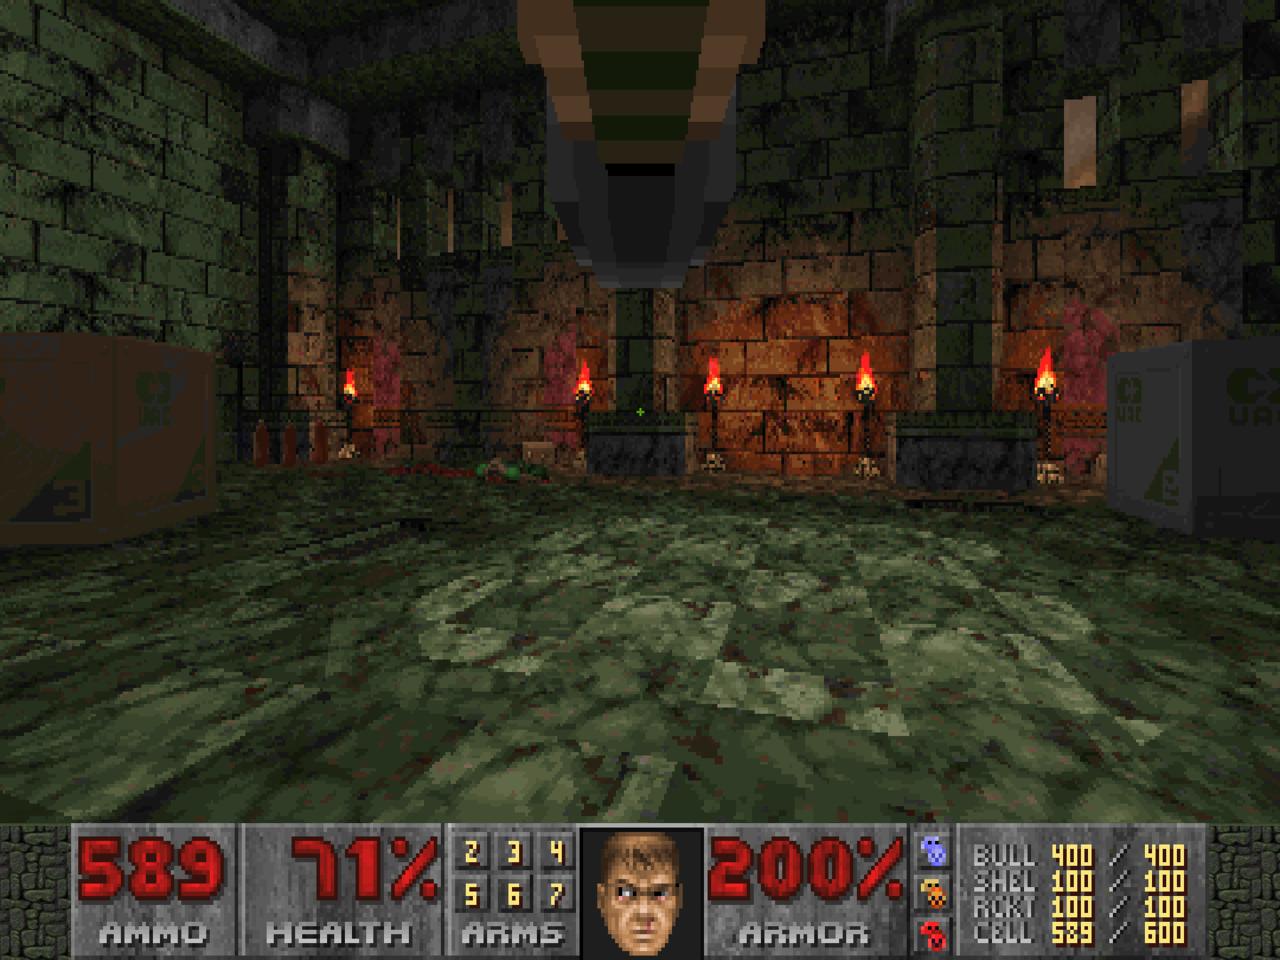 screenshot_doom_202009fjle.png